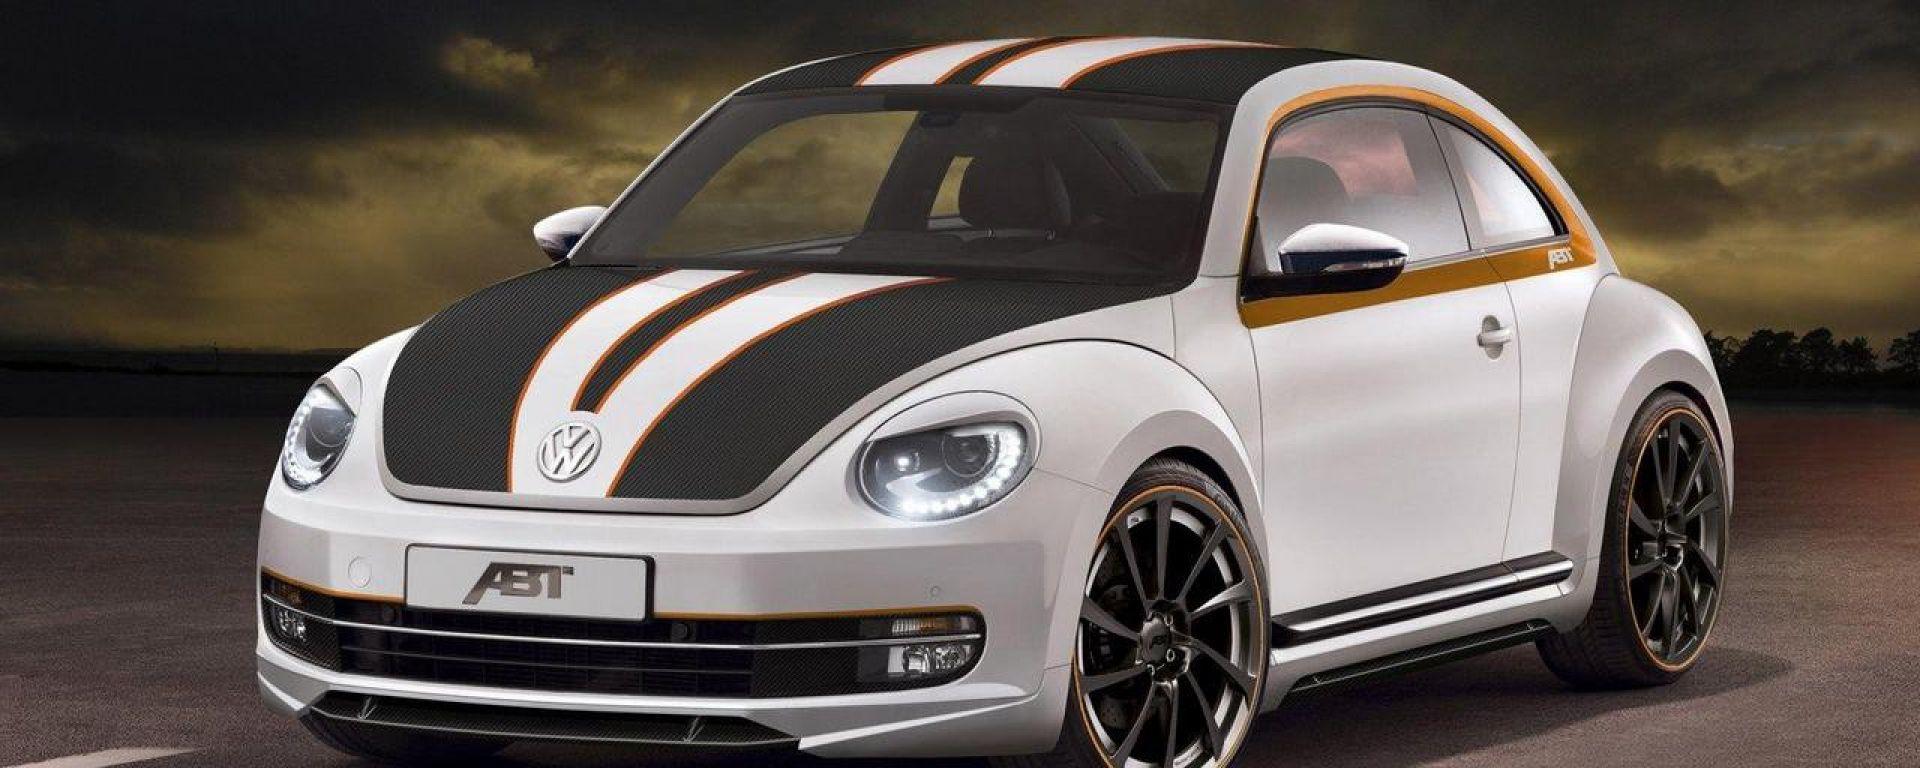 Volkswagen Beetle 2012 by ABT